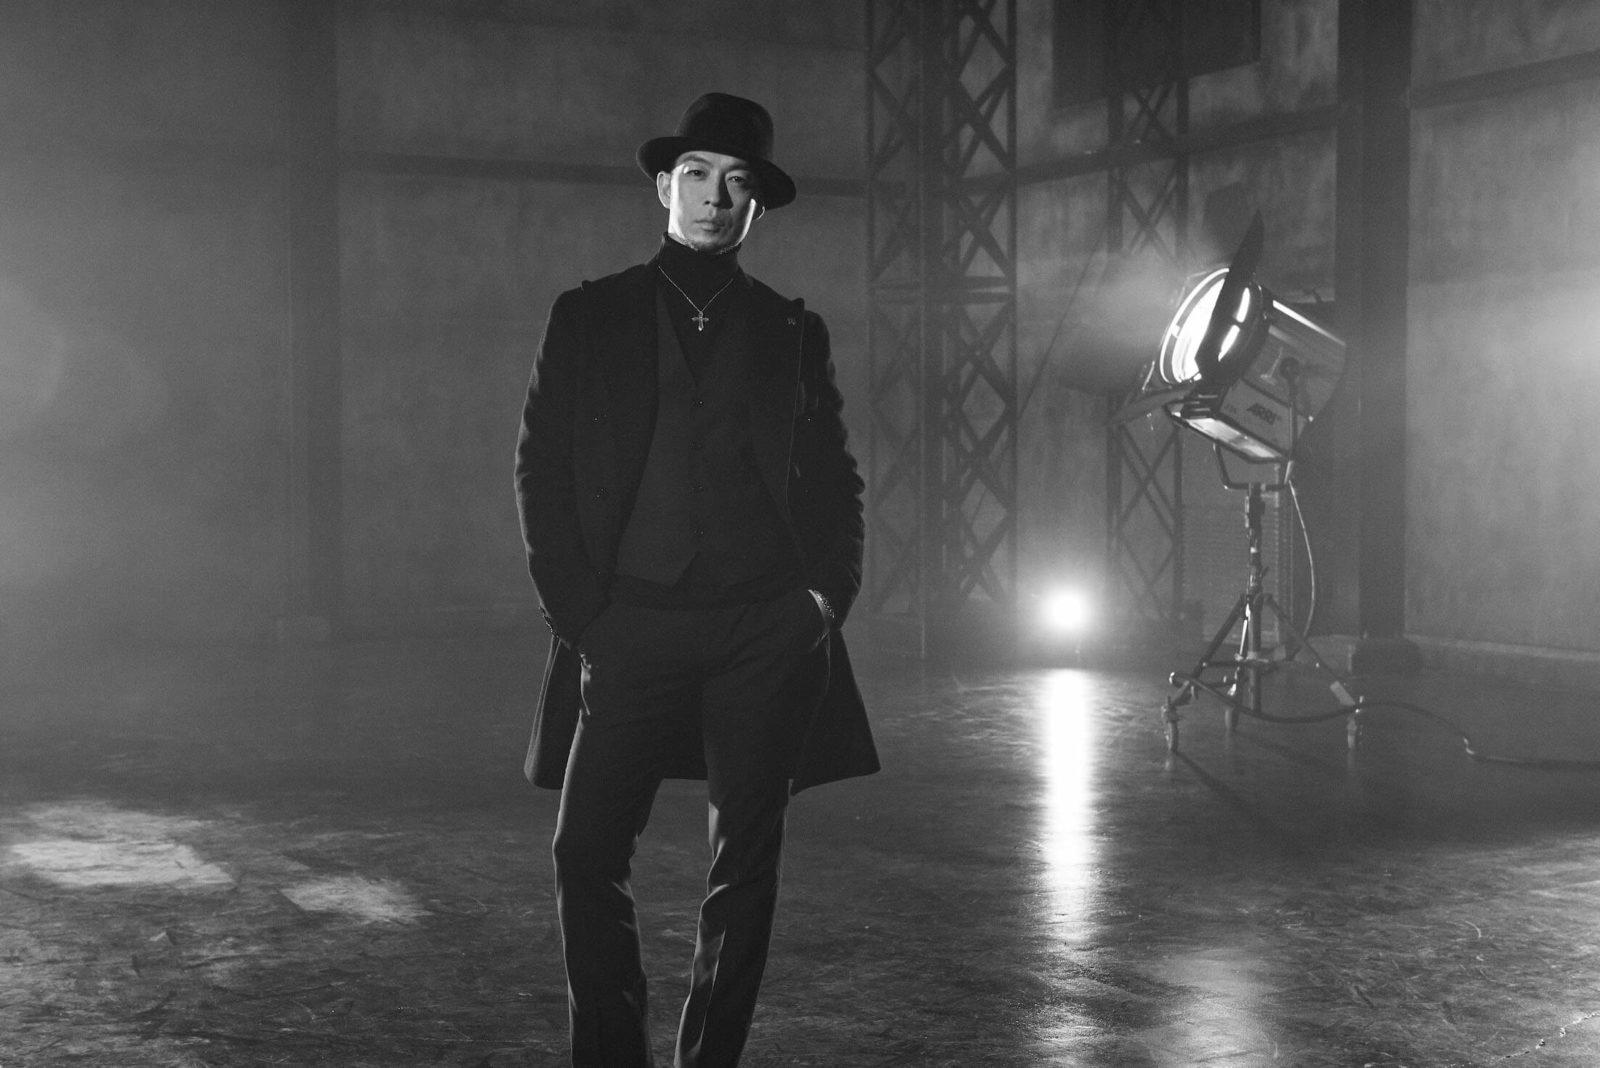 清木場俊介 3月29日発売シングル「東京/ELEGY」から「ELEGY」ミュージックビデオを解禁サムネイル画像